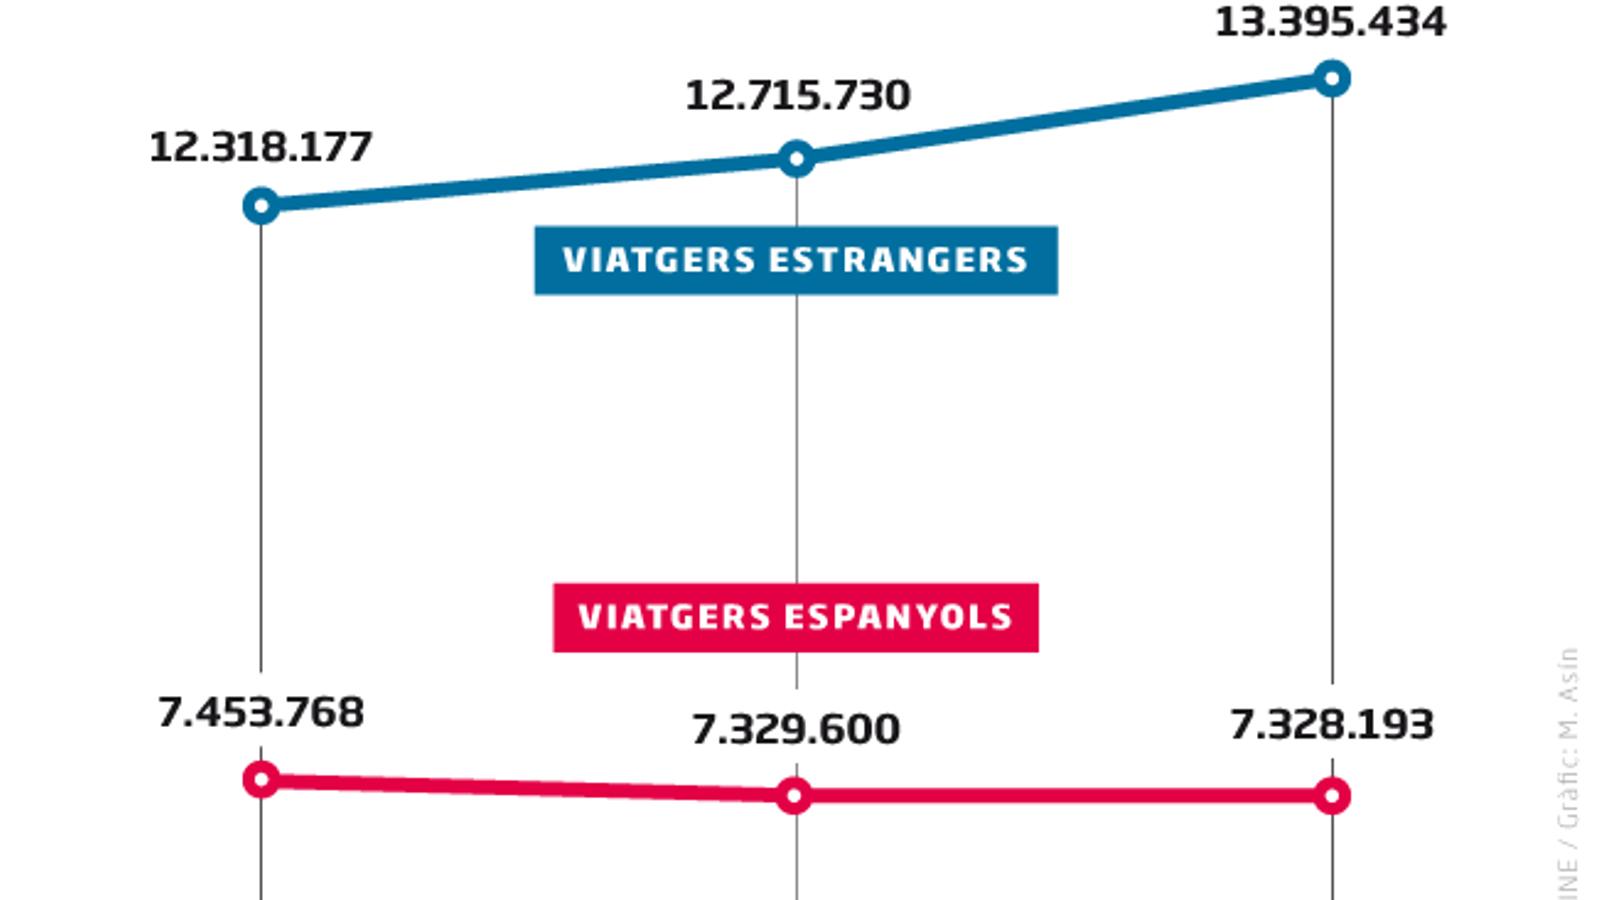 Catalunya perd turistes espanyols, però en guanya d'estrangers